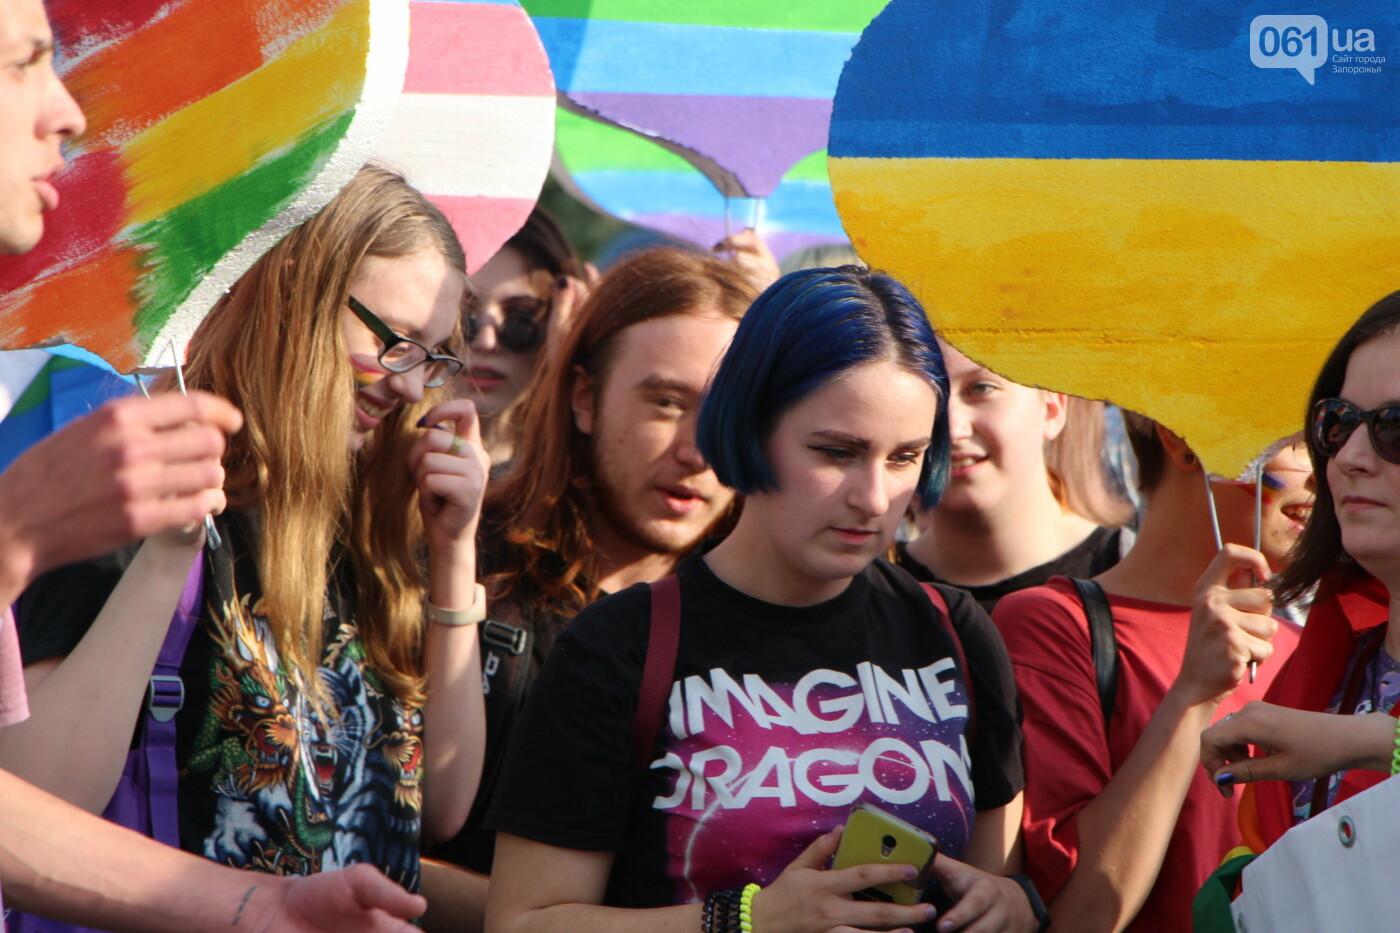 """""""Радужный флешмоб"""" переехал из-за угрозы насилия: как прошла ЛГБТ-акция в Запорожье, - ФОТОРЕПОРТАЖ, фото-26"""